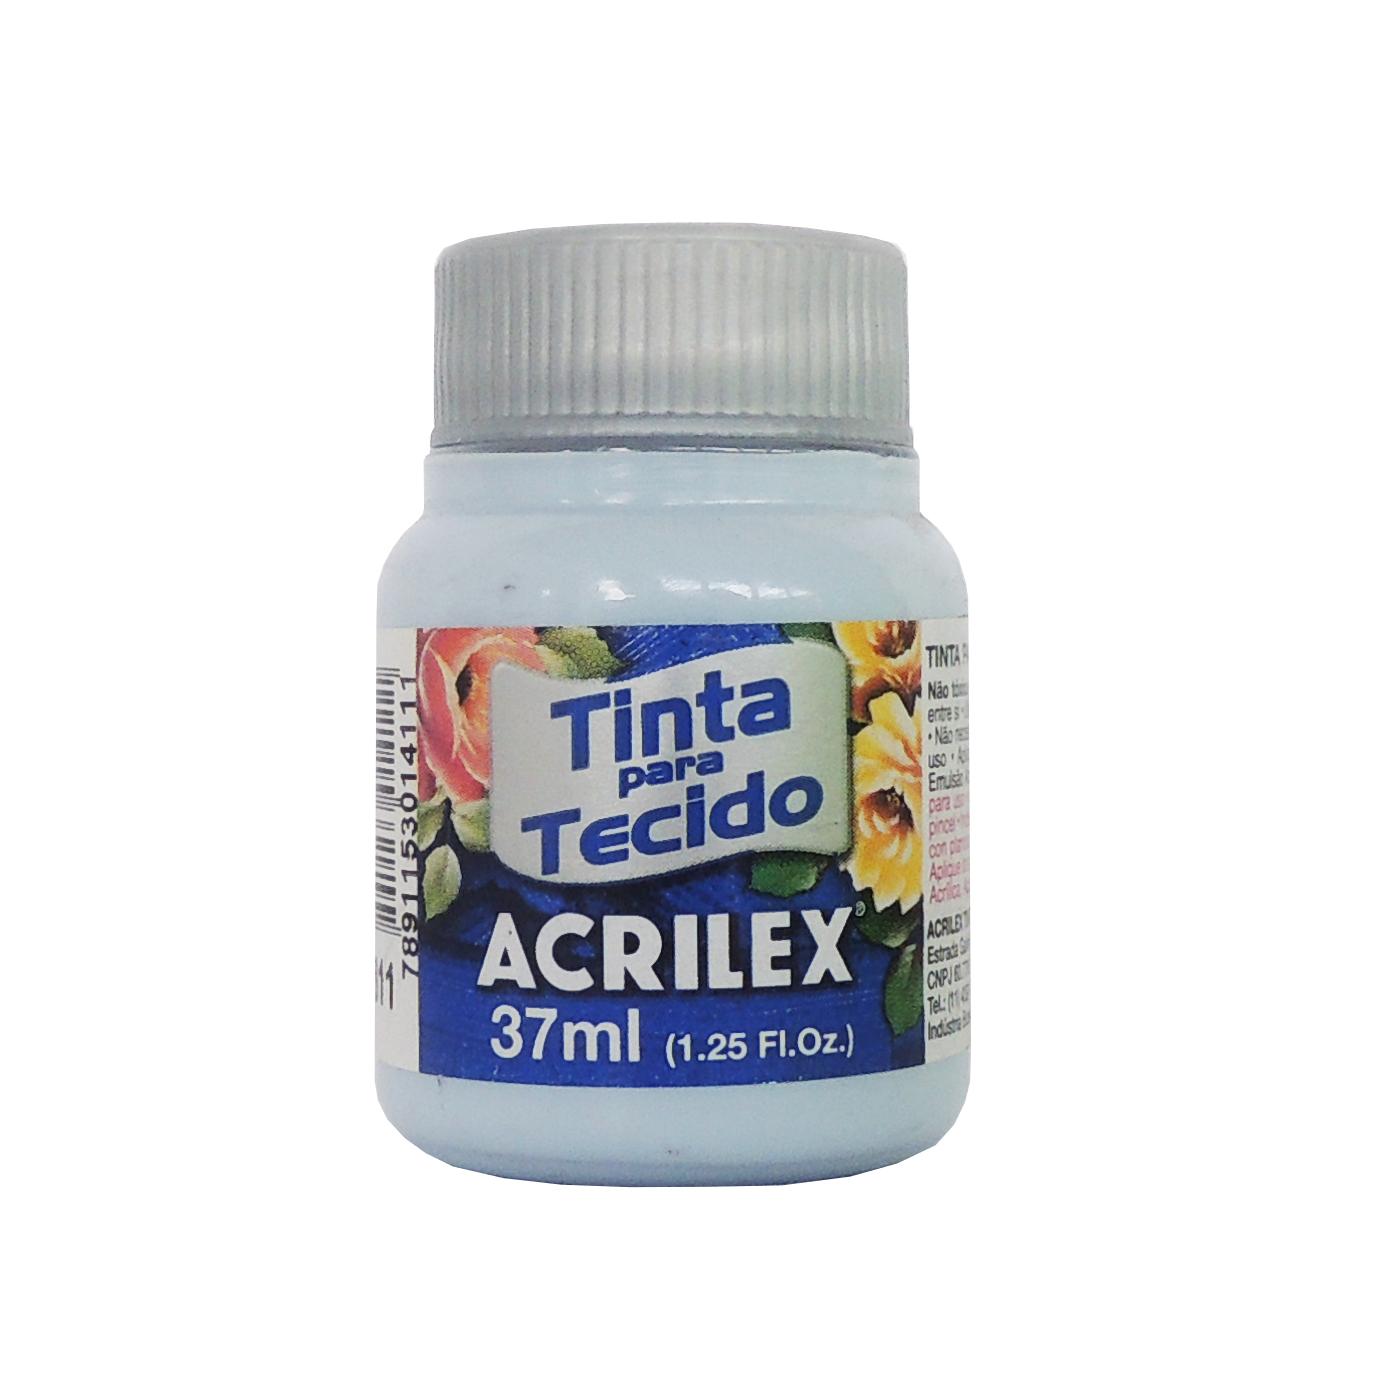 tinta-para-tecido-acrilex-37ml-811-azul-bebe